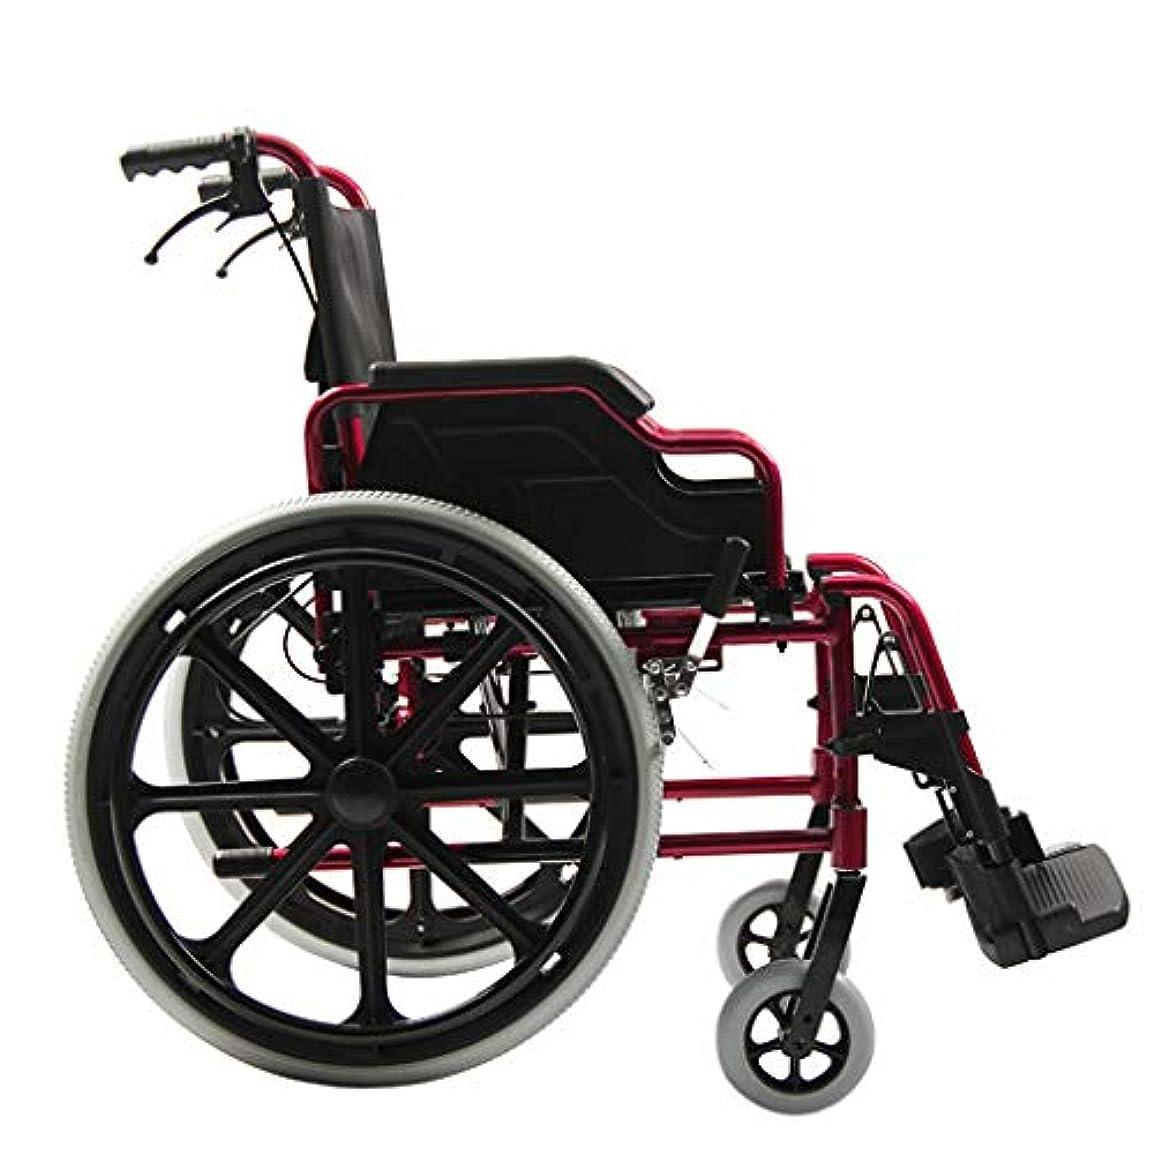 最小化する偏差ビリーヤギ車椅子の手動折りたたみ、無効な高齢者の多目的手押し車椅子、アルミニウム合金、軽くて持ち運びが簡単